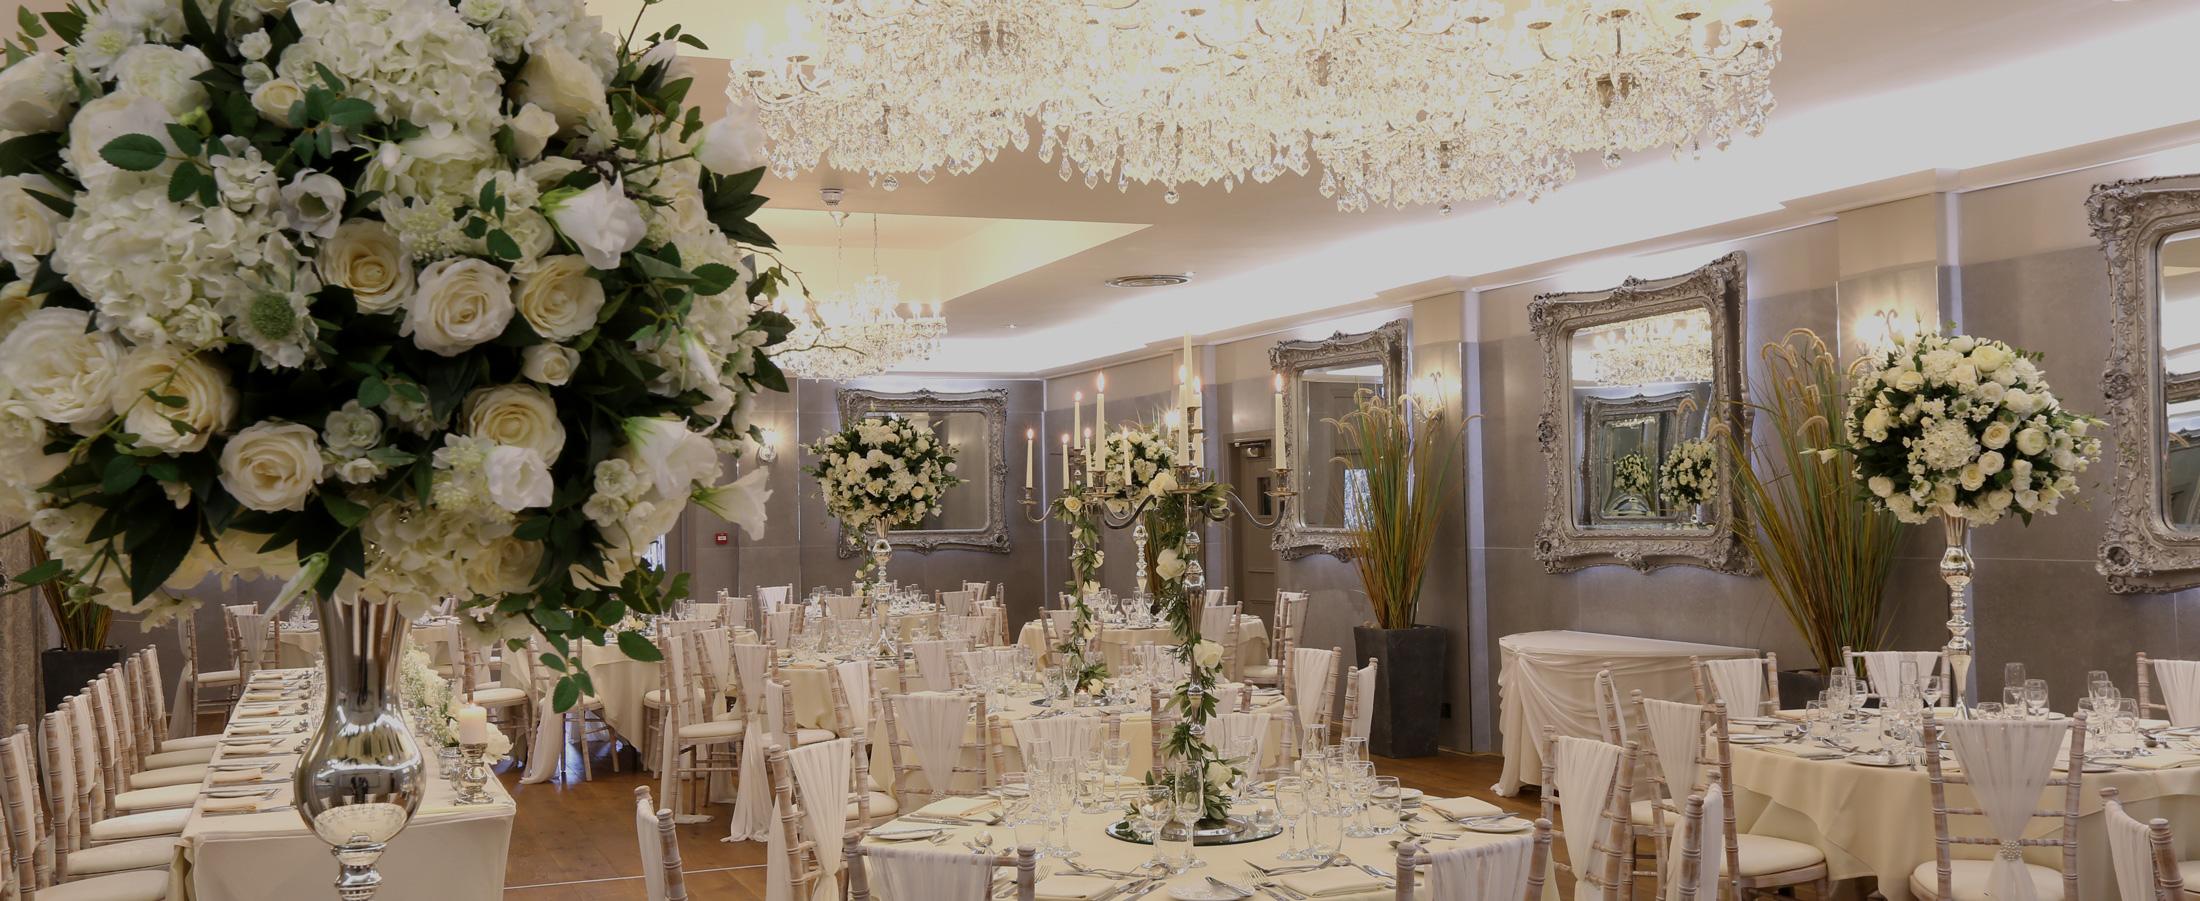 Doncaster Wedding Venue Refurbished